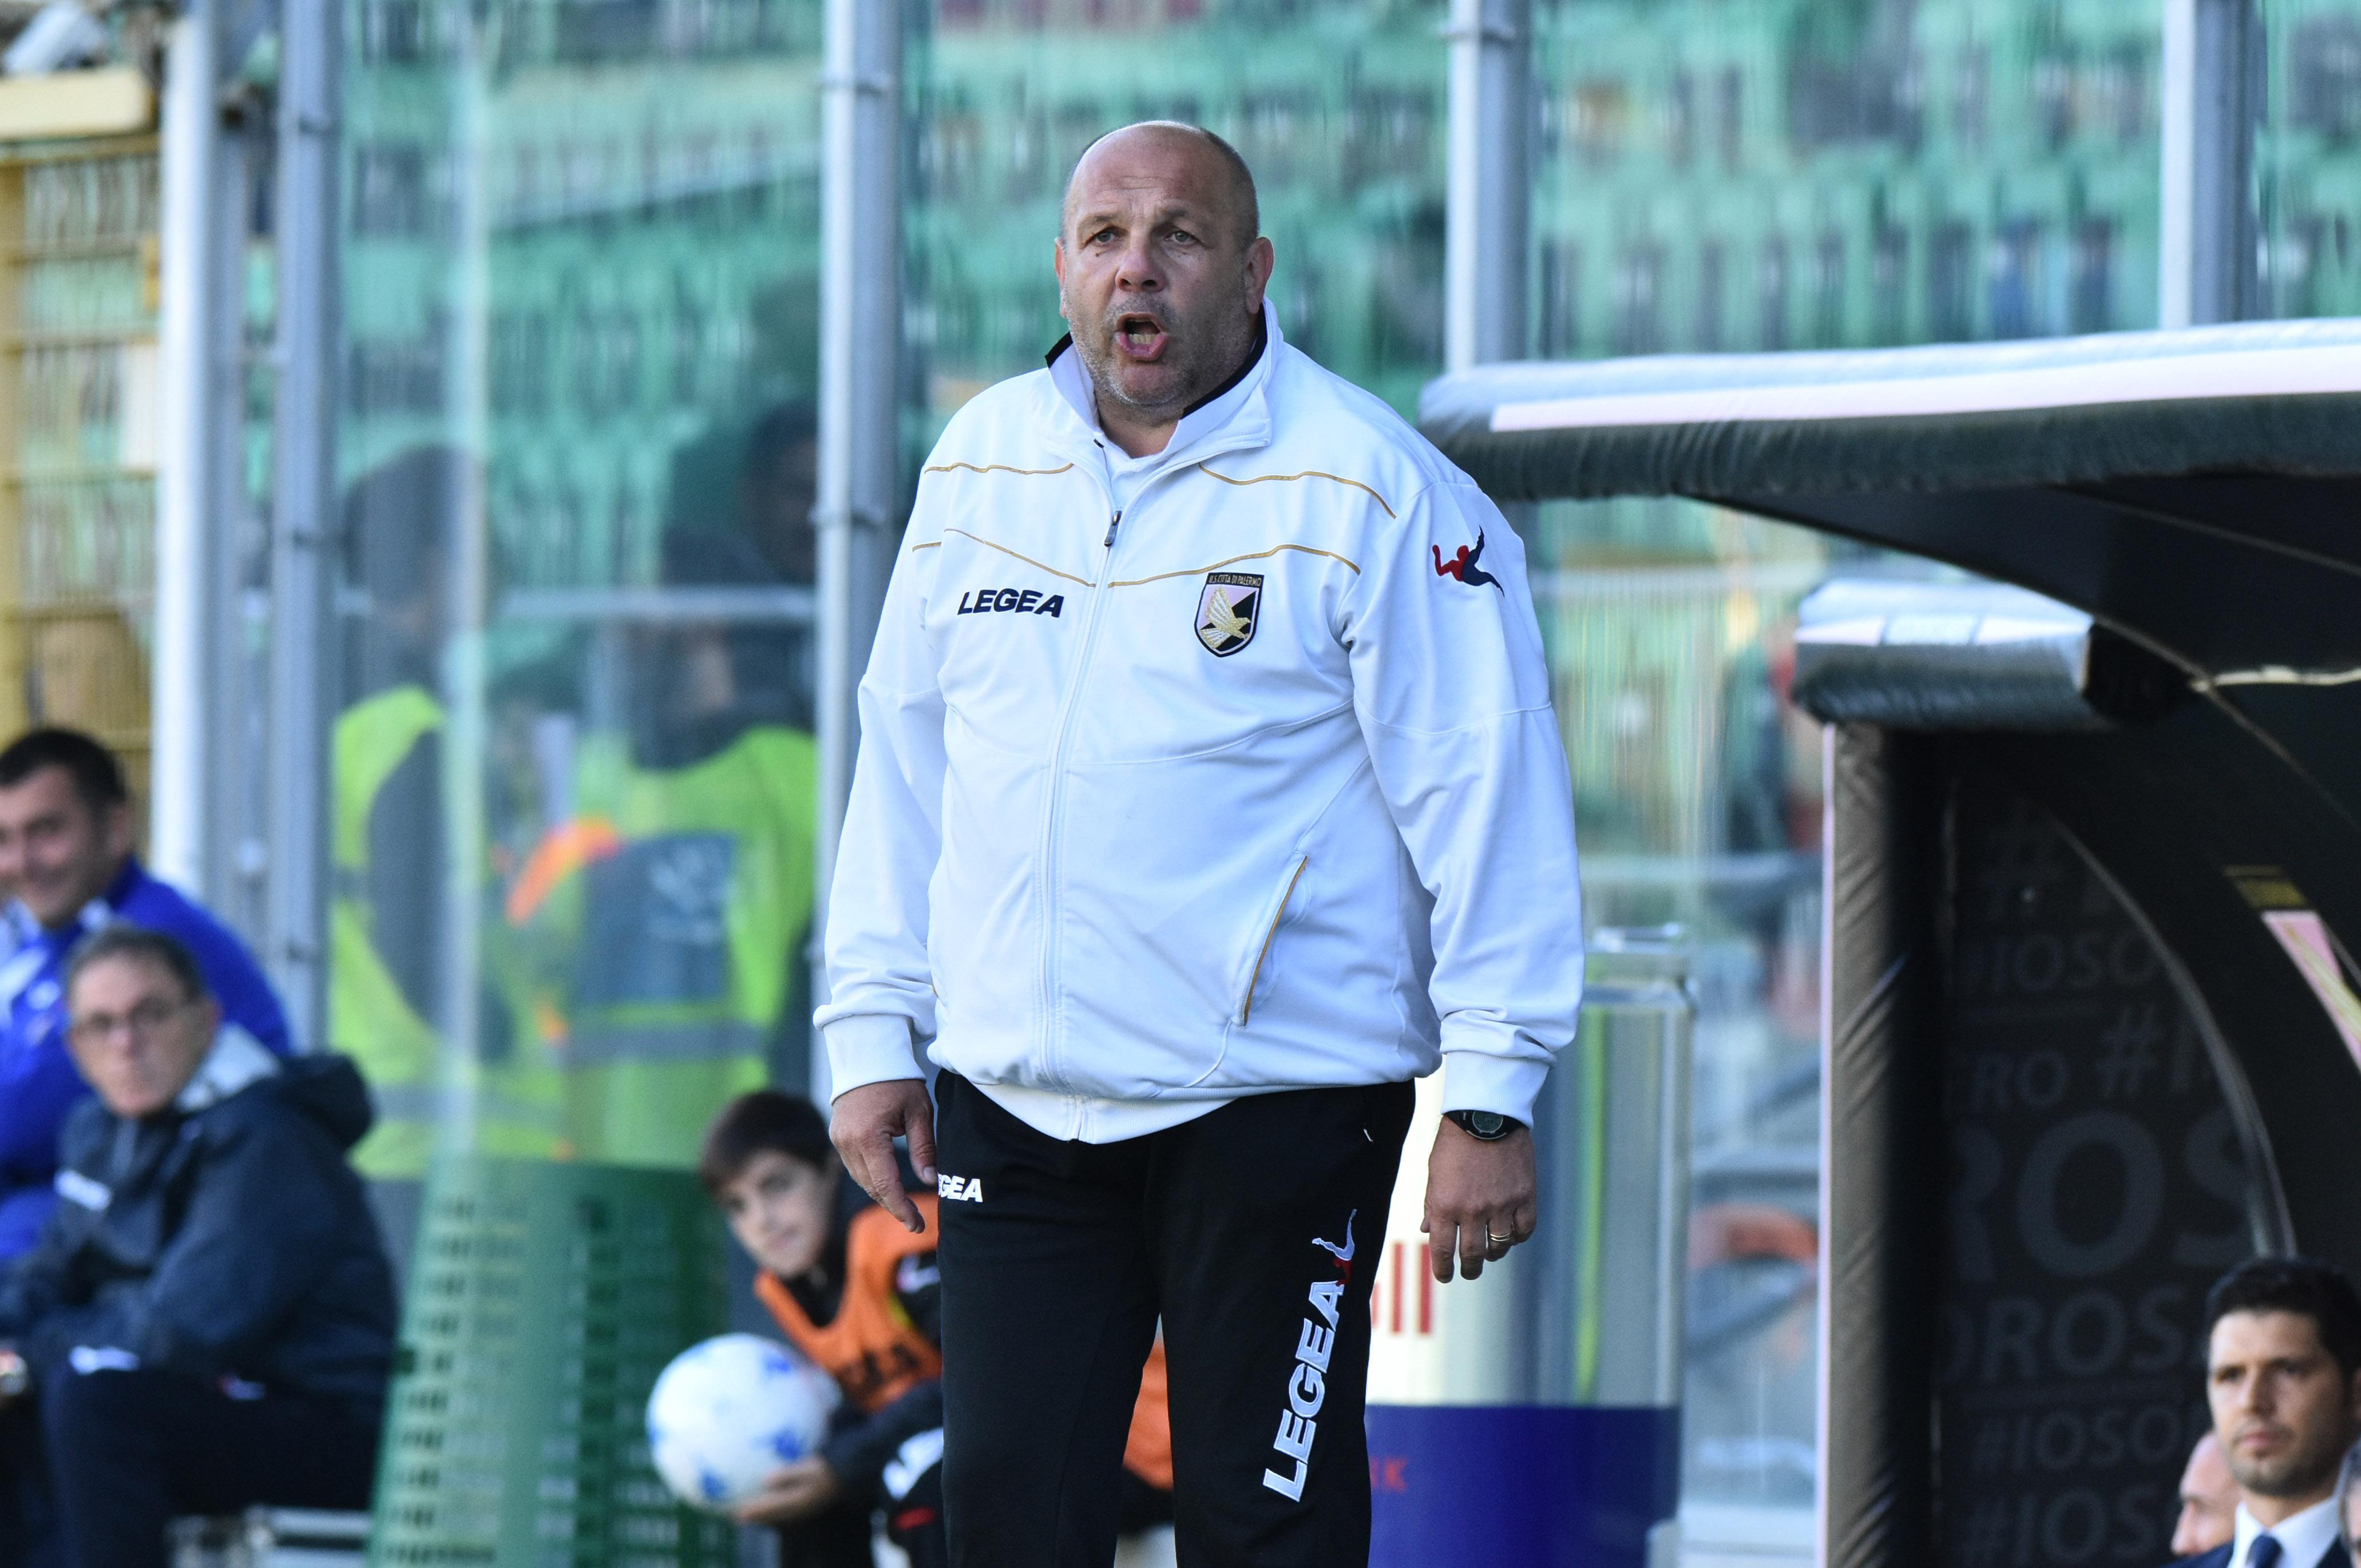 """Sandro Mazzola """"Italia serve qualche """"vecchietto"""" Io e Rivera """""""